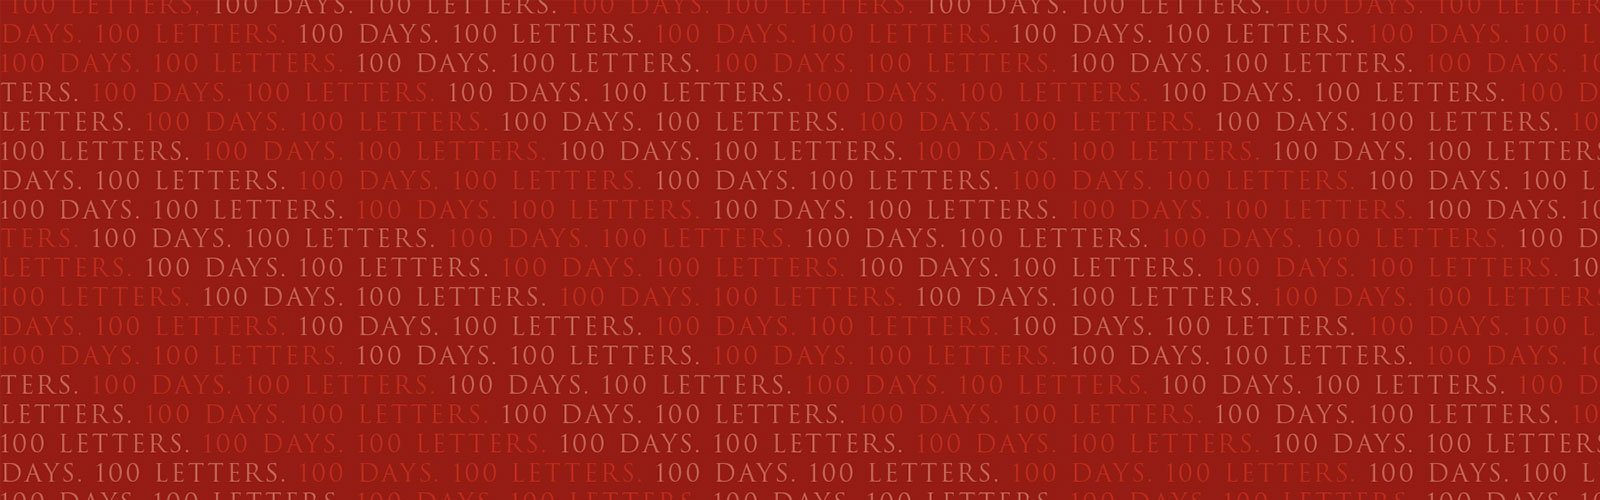 Letter 33